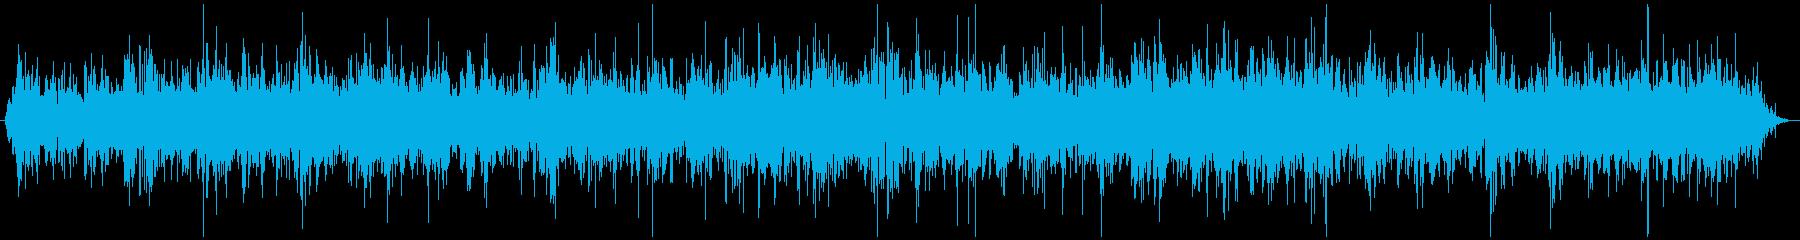 煮えたぎるマグマの音 ゴボゴボの再生済みの波形